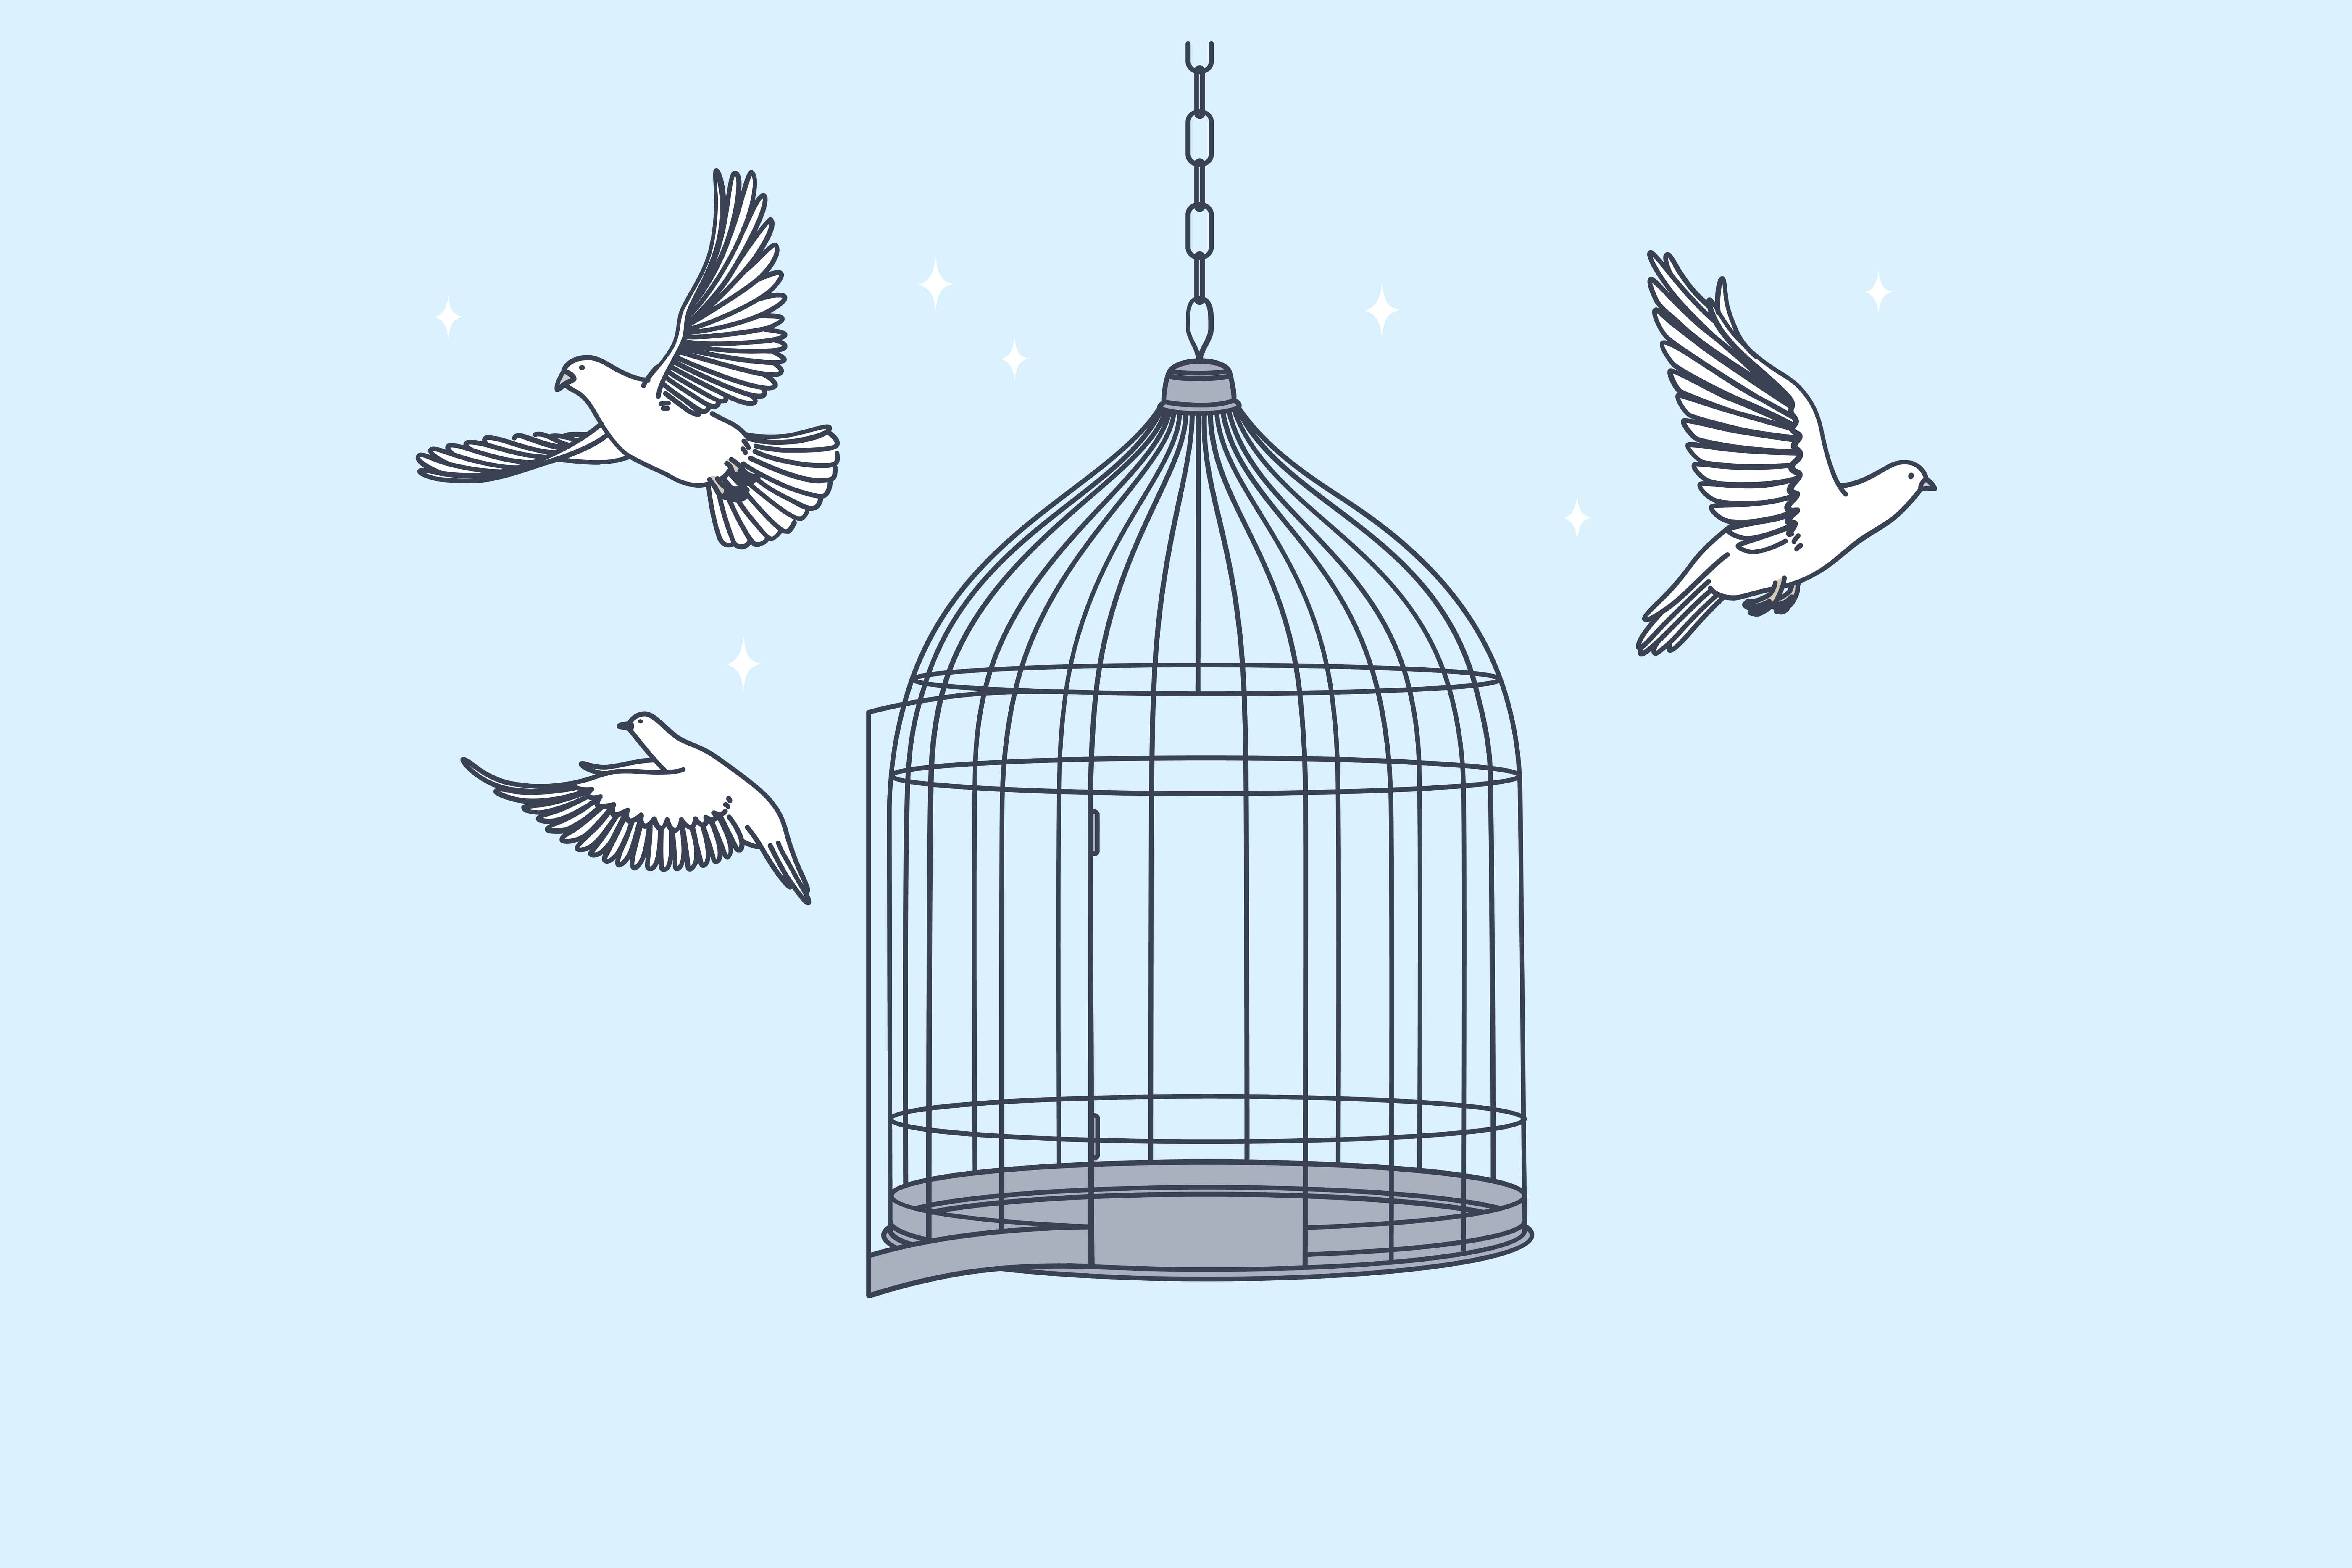 Que votre cage soit dorée ou non, la liberté n'a pas de prix! Agissez!